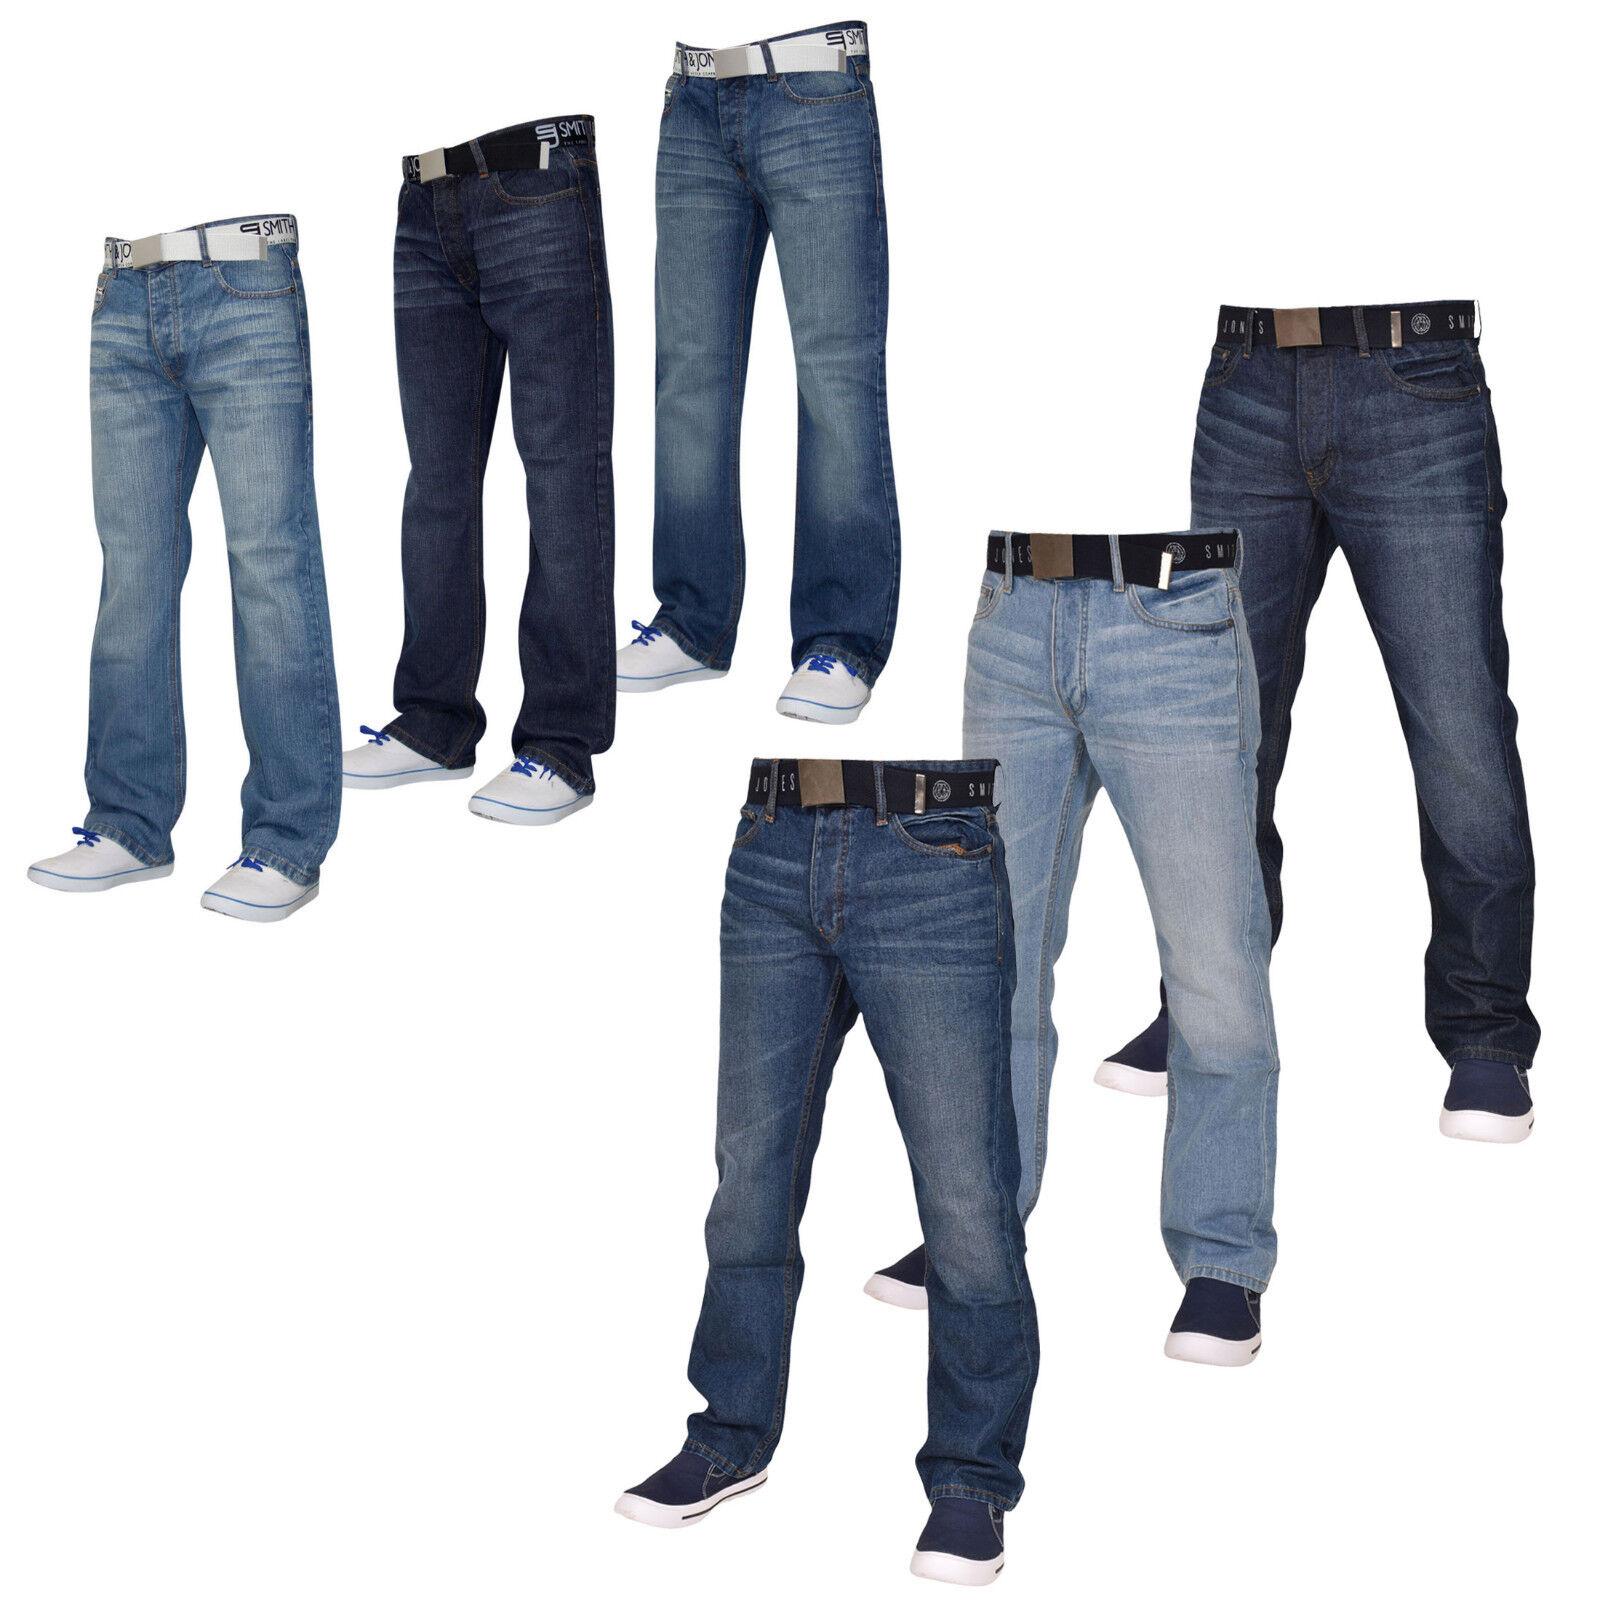 Jack /& Jones Uomo Slim Fit Jeans Denim Pantaloni Uomo Casual Look Usato Nuovo